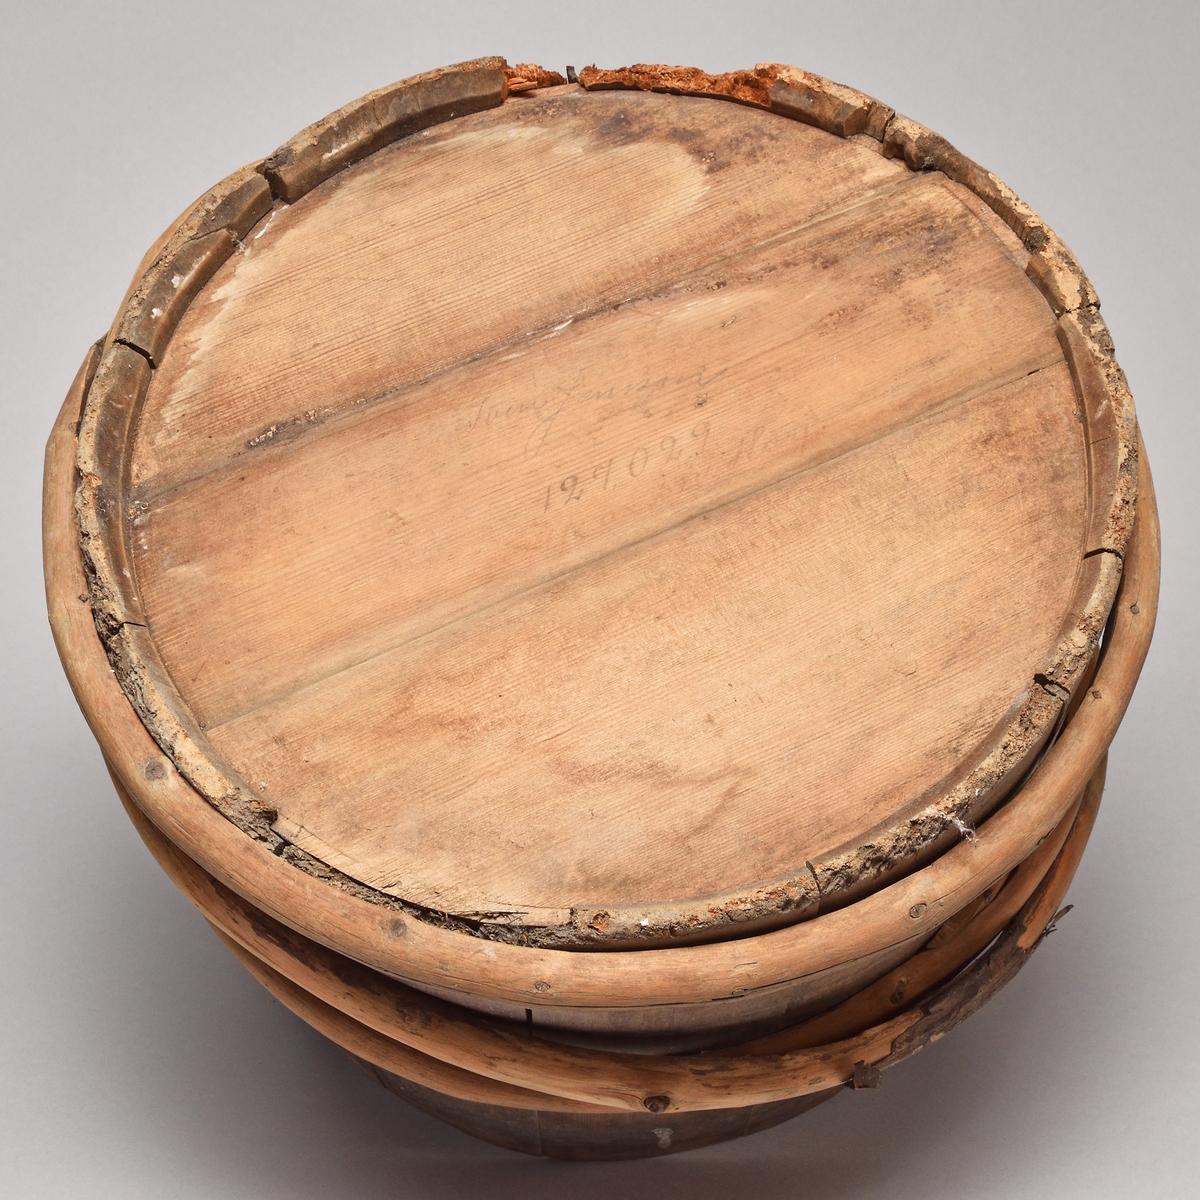 Laggat ämbar av omålat barrträ. Elva stavar, tre trävidjor. Två stavar förhöjda som fäste för järngrepe.